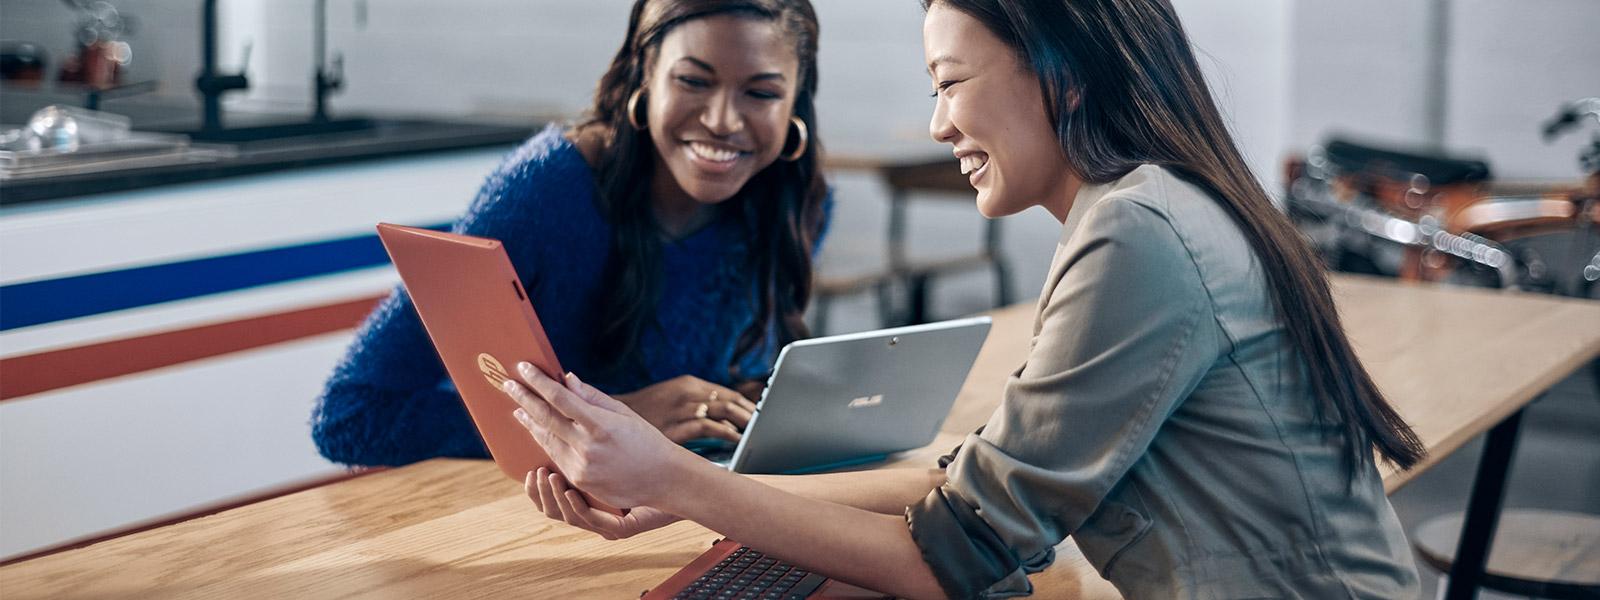 Две женщины сидят за столом и смотрят на экран планшета, который держит в руках еще одна женщина